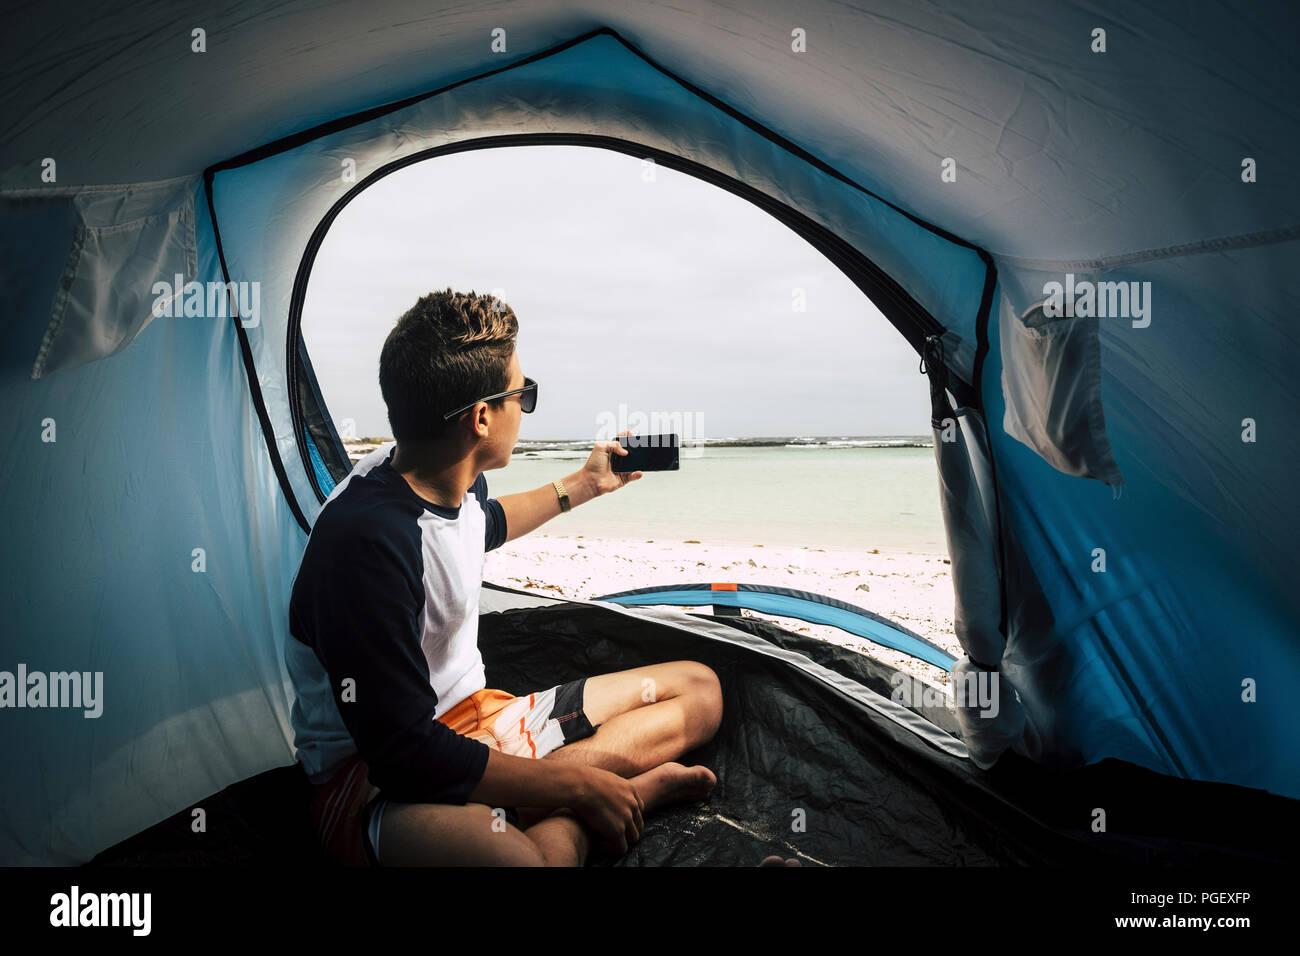 Junger Teenager schöner Junge Camp direkt am weißen Strand in tropischen Himmel Ort Inseln. von der Tür der Hütte ein Bild mit dem Telefon Stockbild